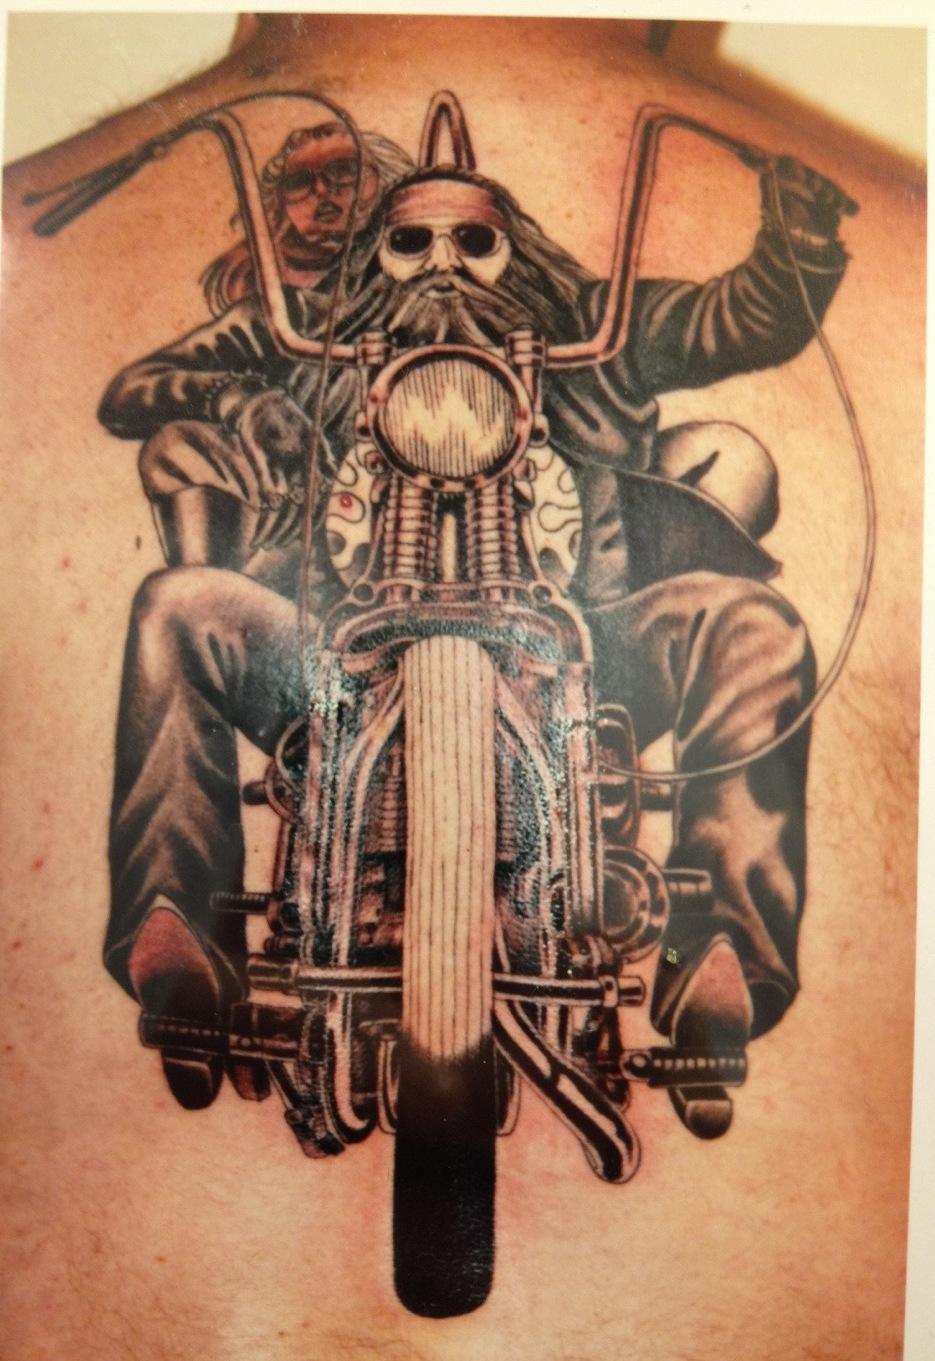 Biker Tattoo Design Idea For Men